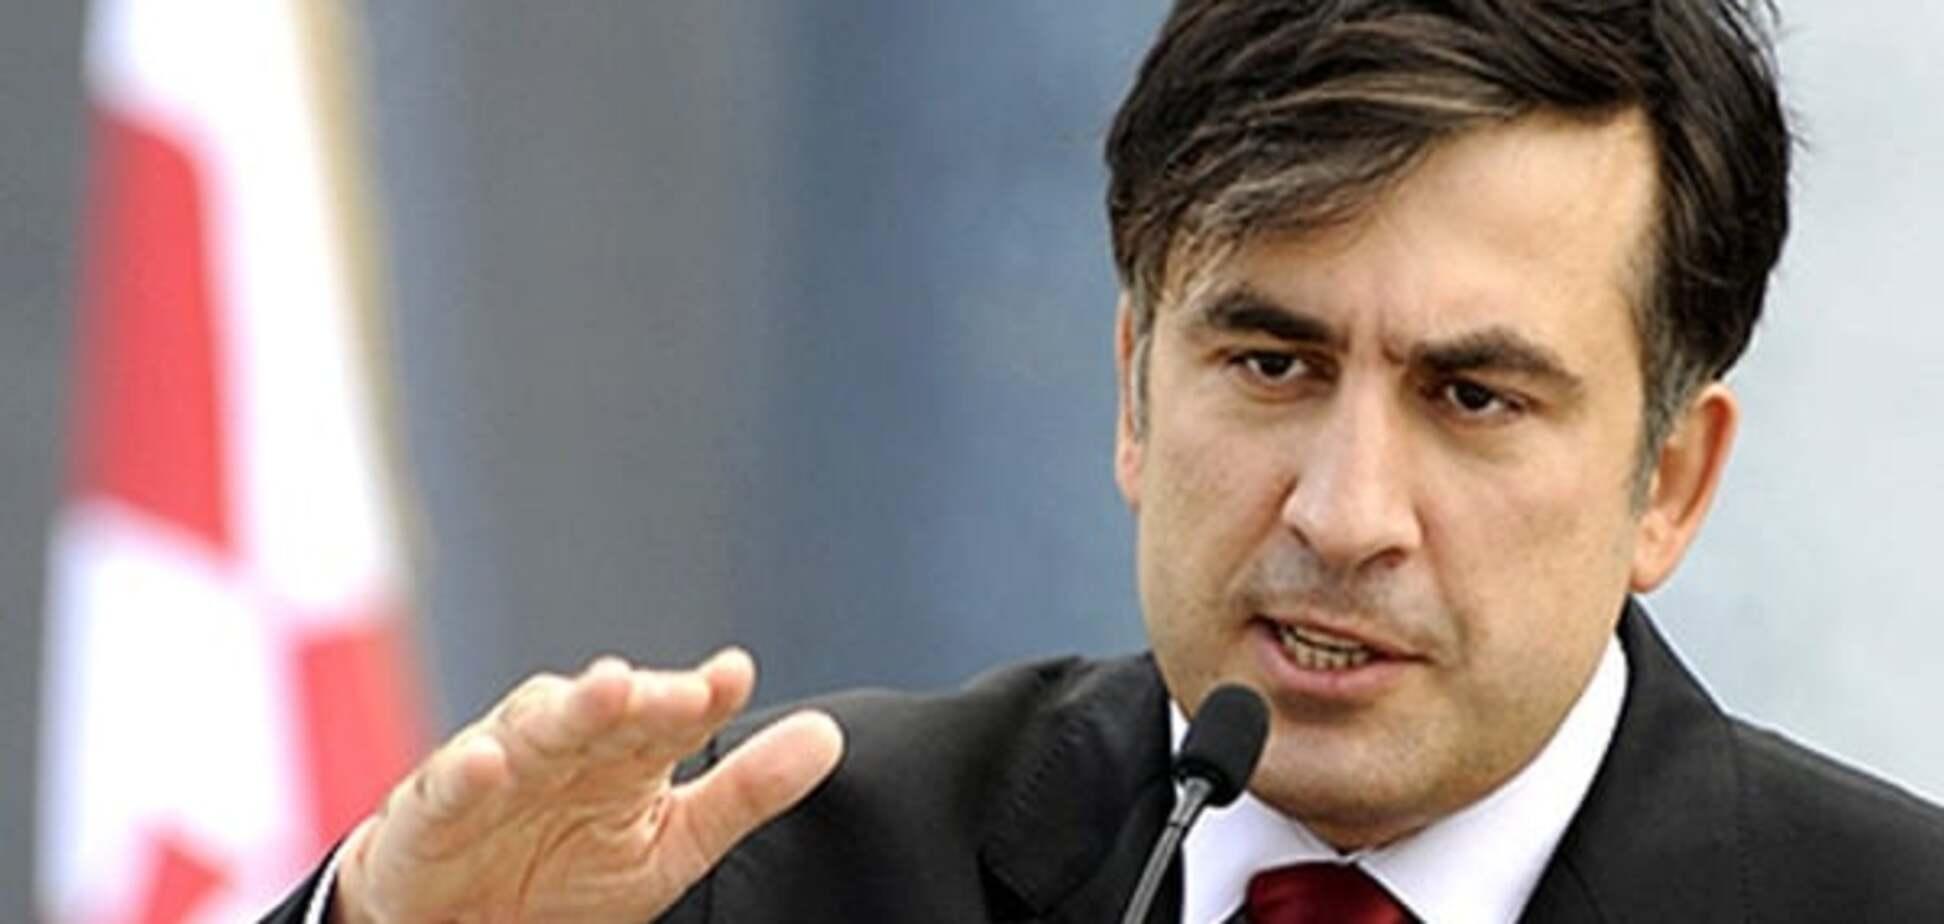 Саакашвили рассказал о распаде Российской империи и возвращении Крыма